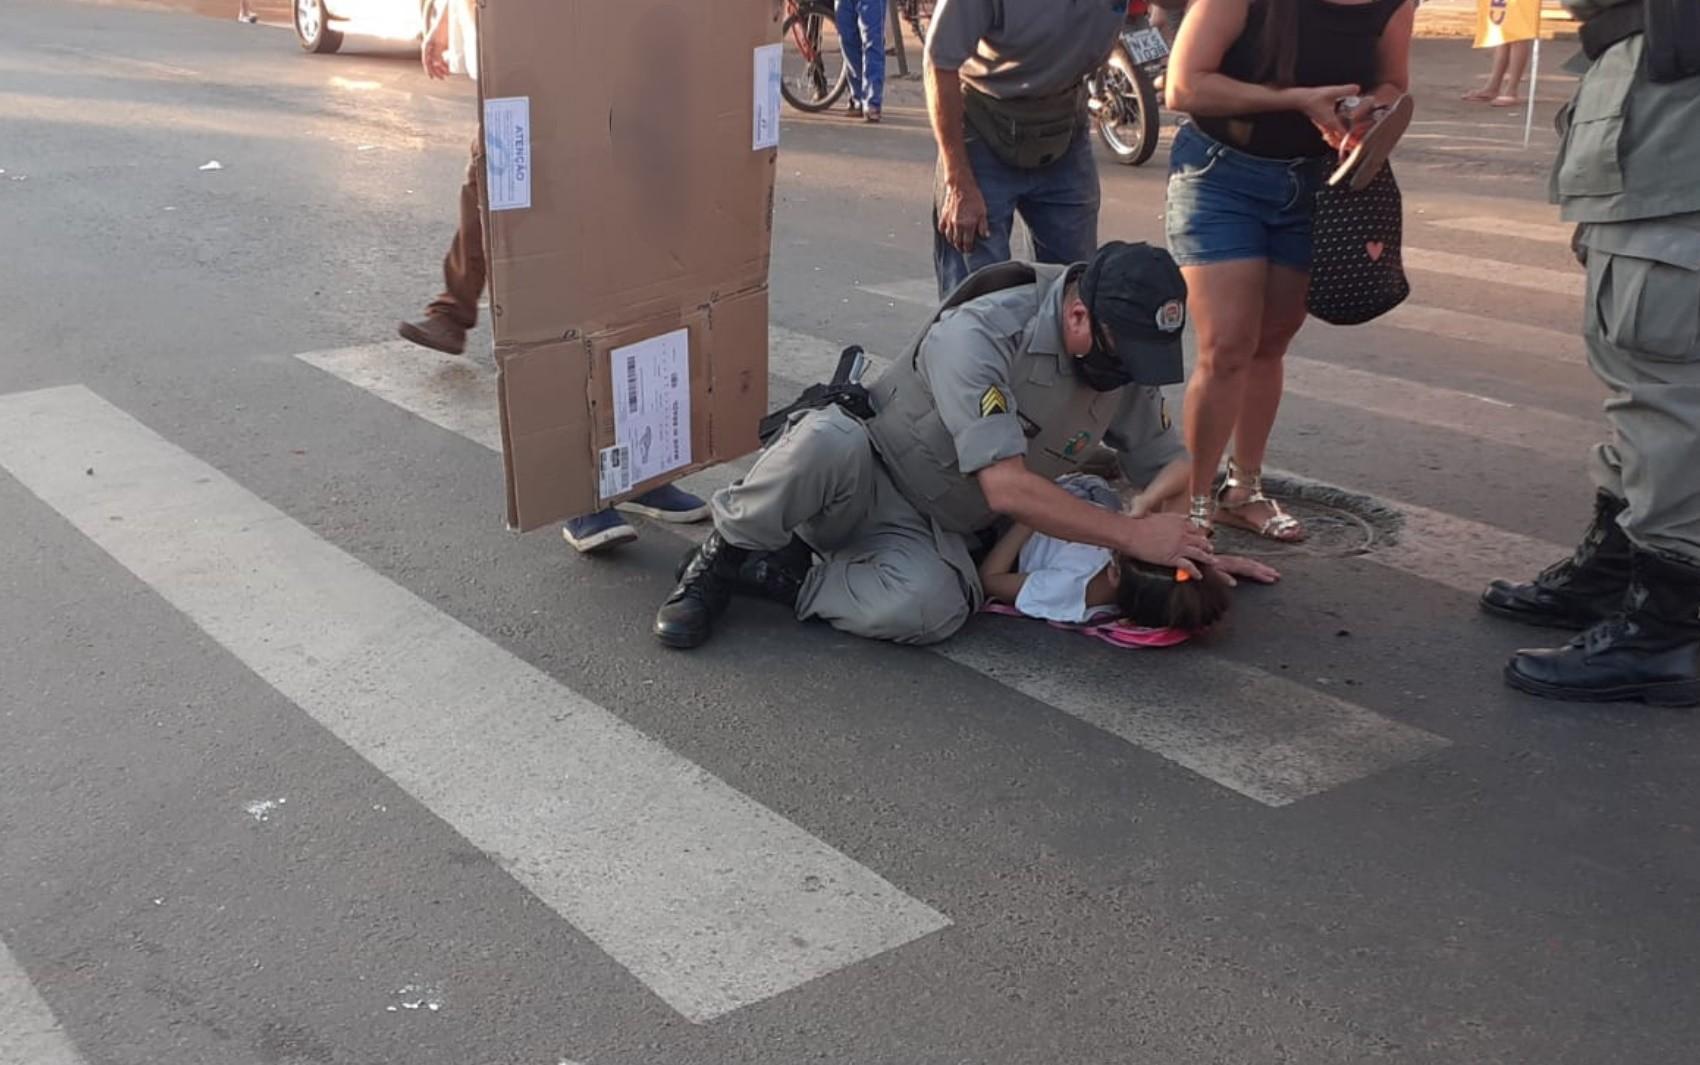 PM faz carinho e conversa para acalmar criança atropelada em faixa de pedestres junto com a mãe em Goiânia; vídeo